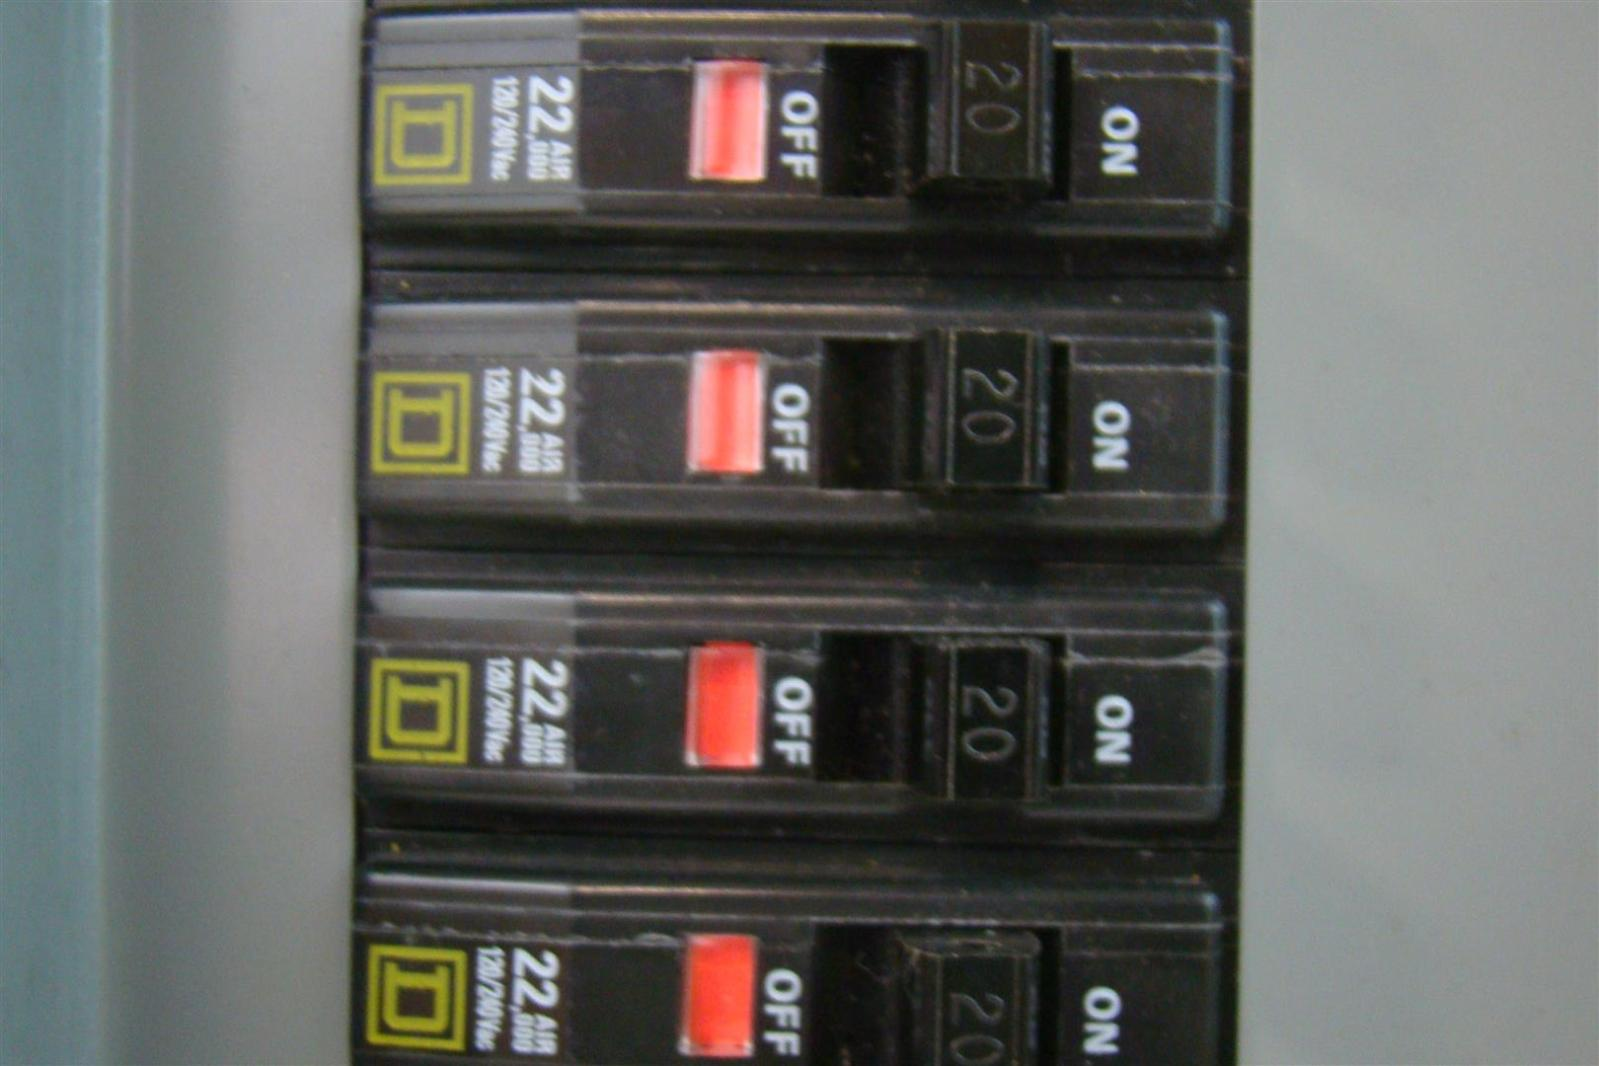 Square d nqod panel board 240120v ph3 nqod430l225 joseph fazzio square d nqod panel board 240120v ph3 nqod430l225 sciox Images